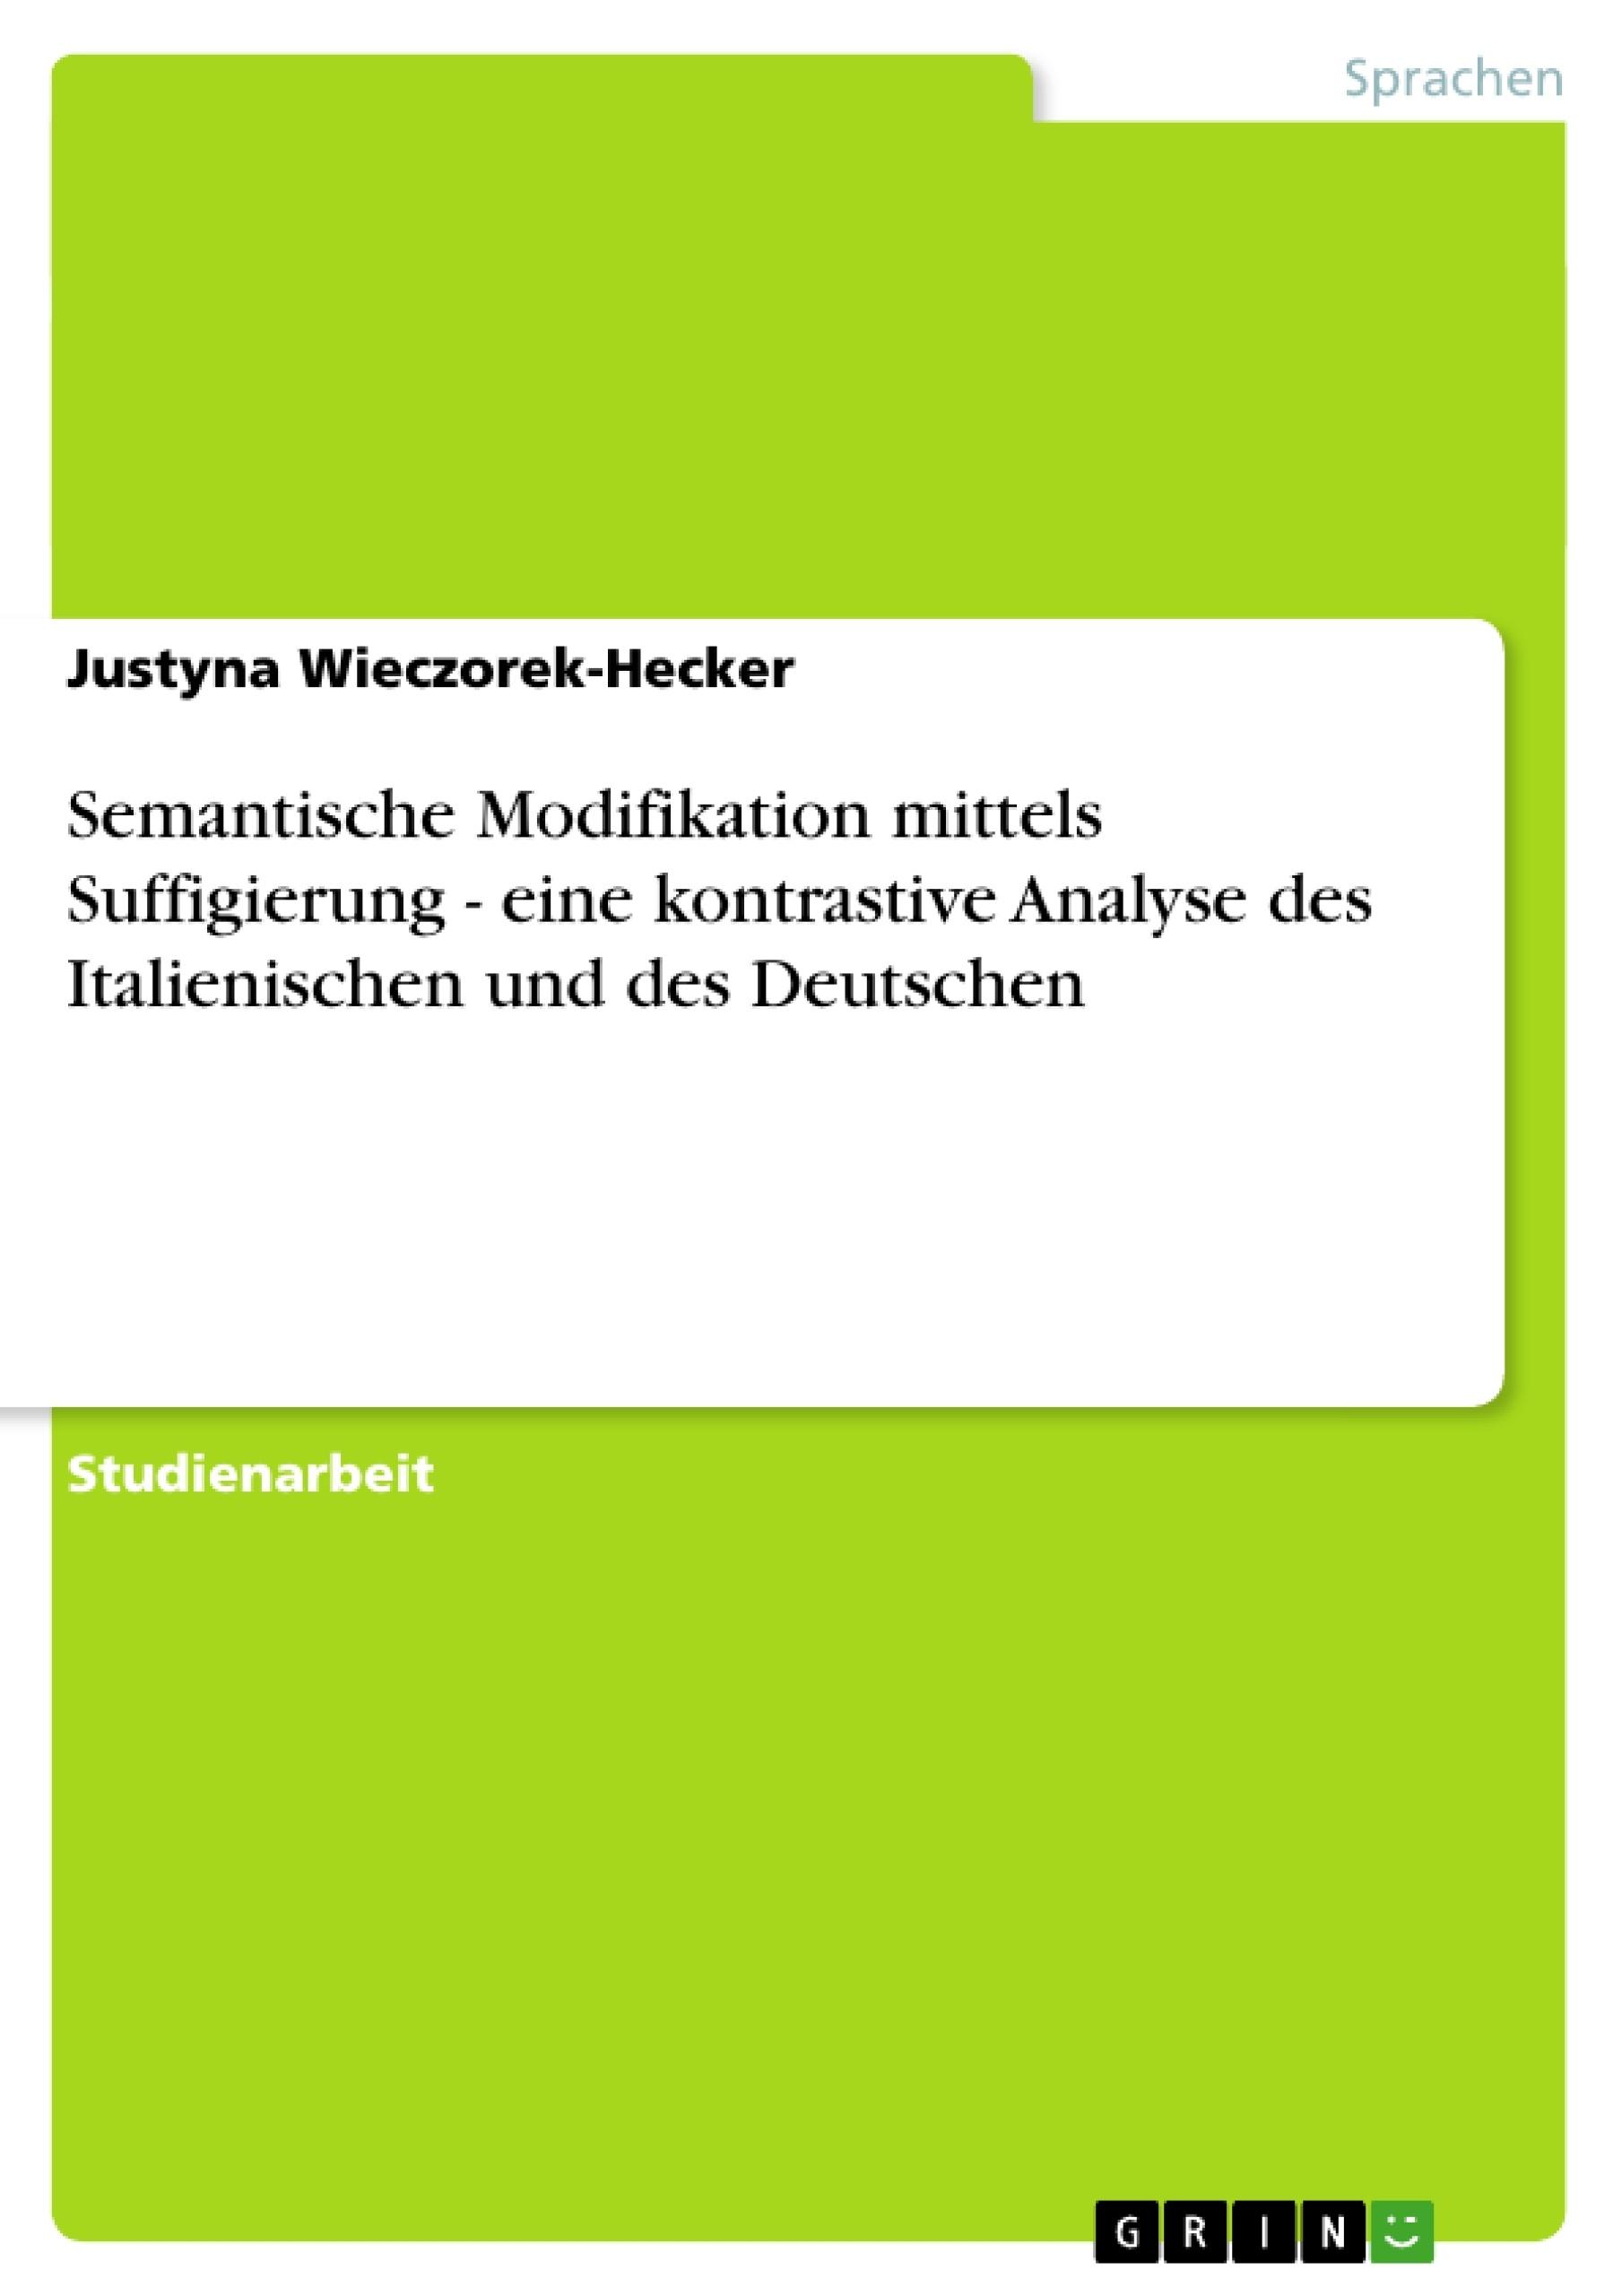 Titel: Semantische Modifikation mittels Suffigierung - eine kontrastive Analyse des Italienischen und des Deutschen